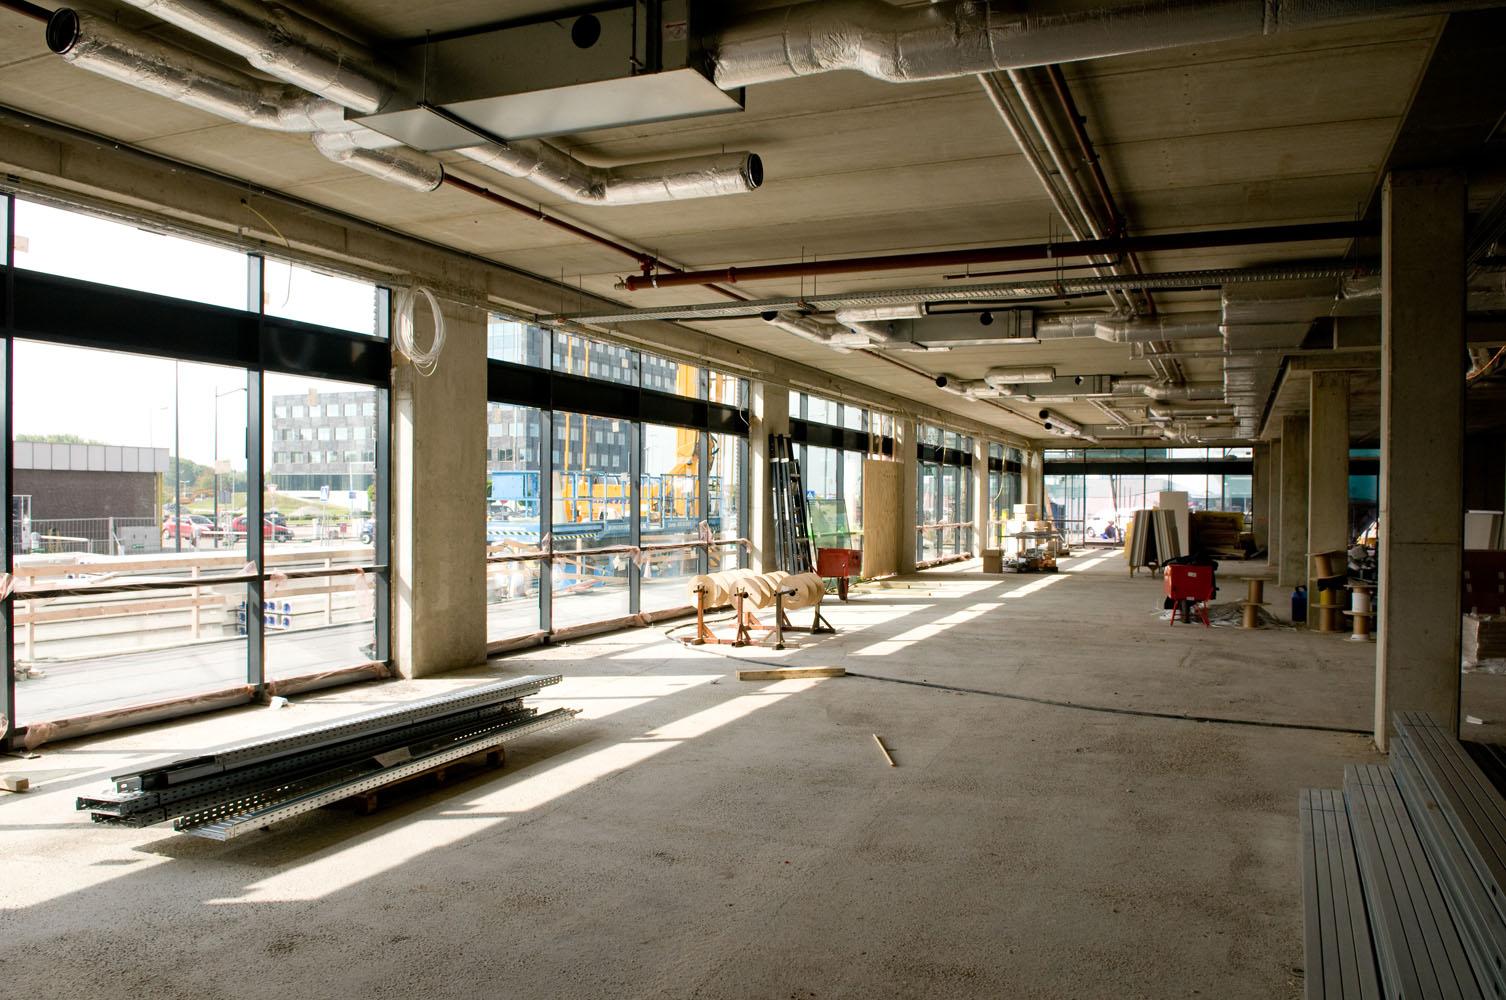 Niestadt-fotografie-Schoonhoven-bouw-wings-hotel-Rotterdam-8